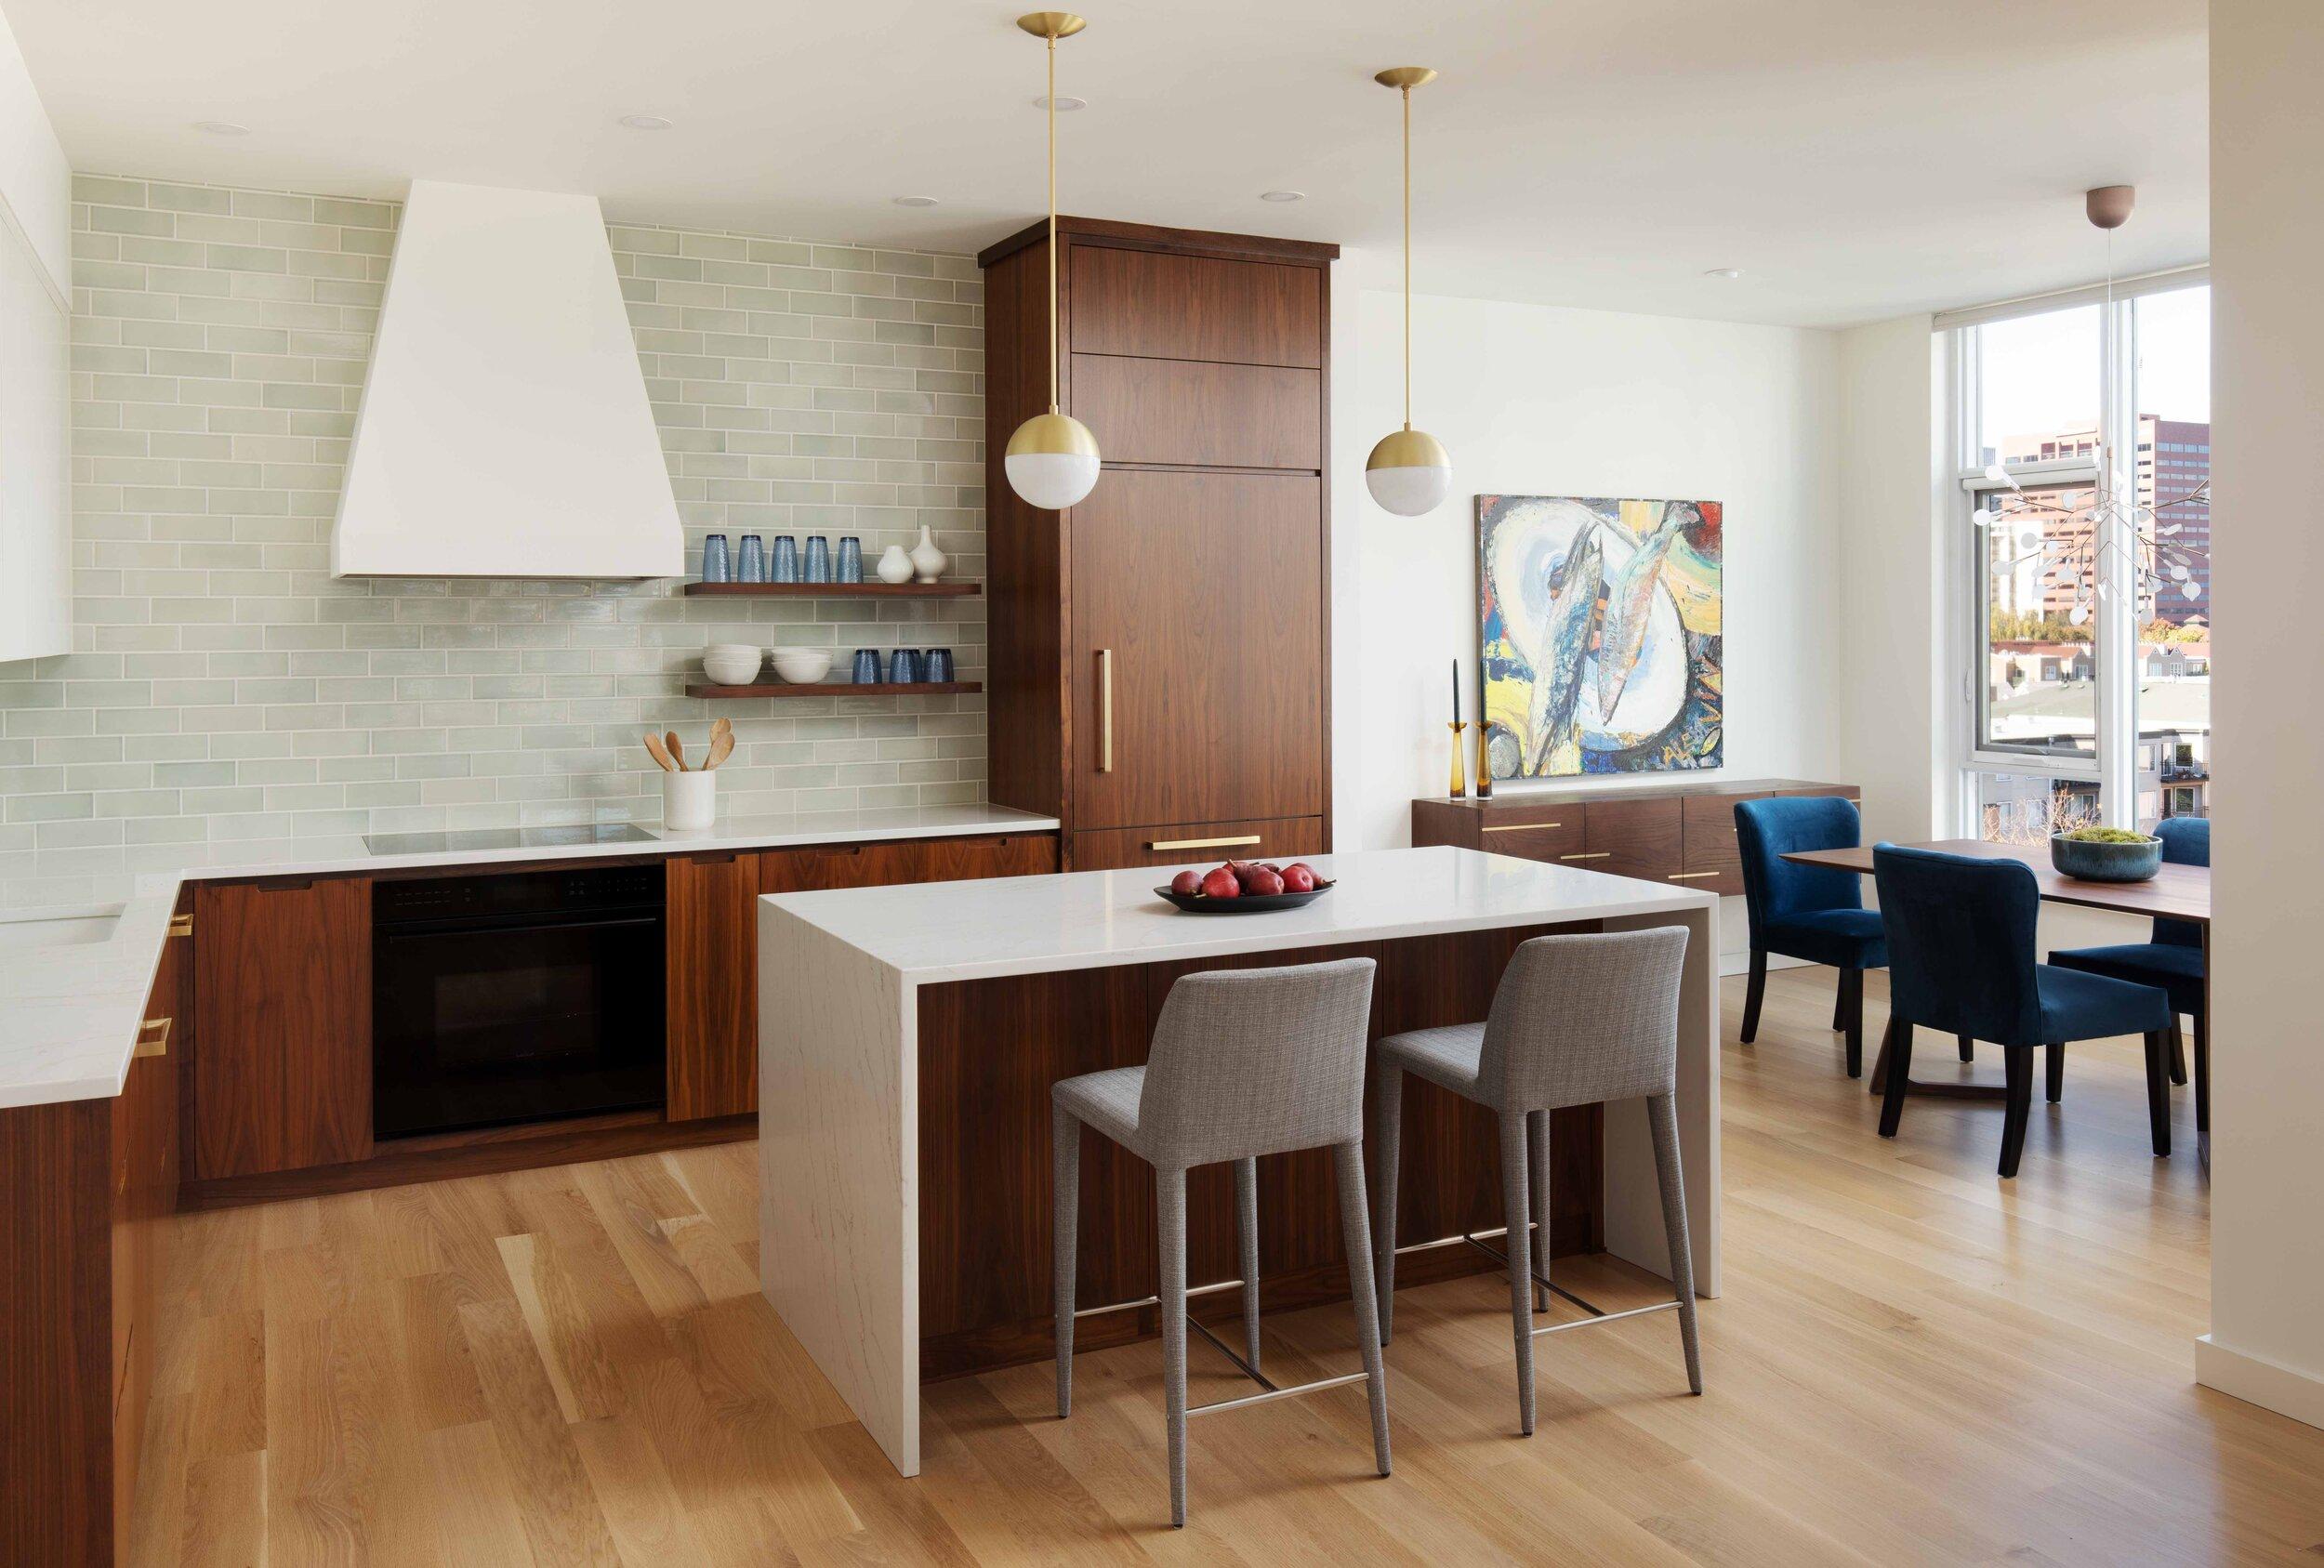 dave and ljs interior design